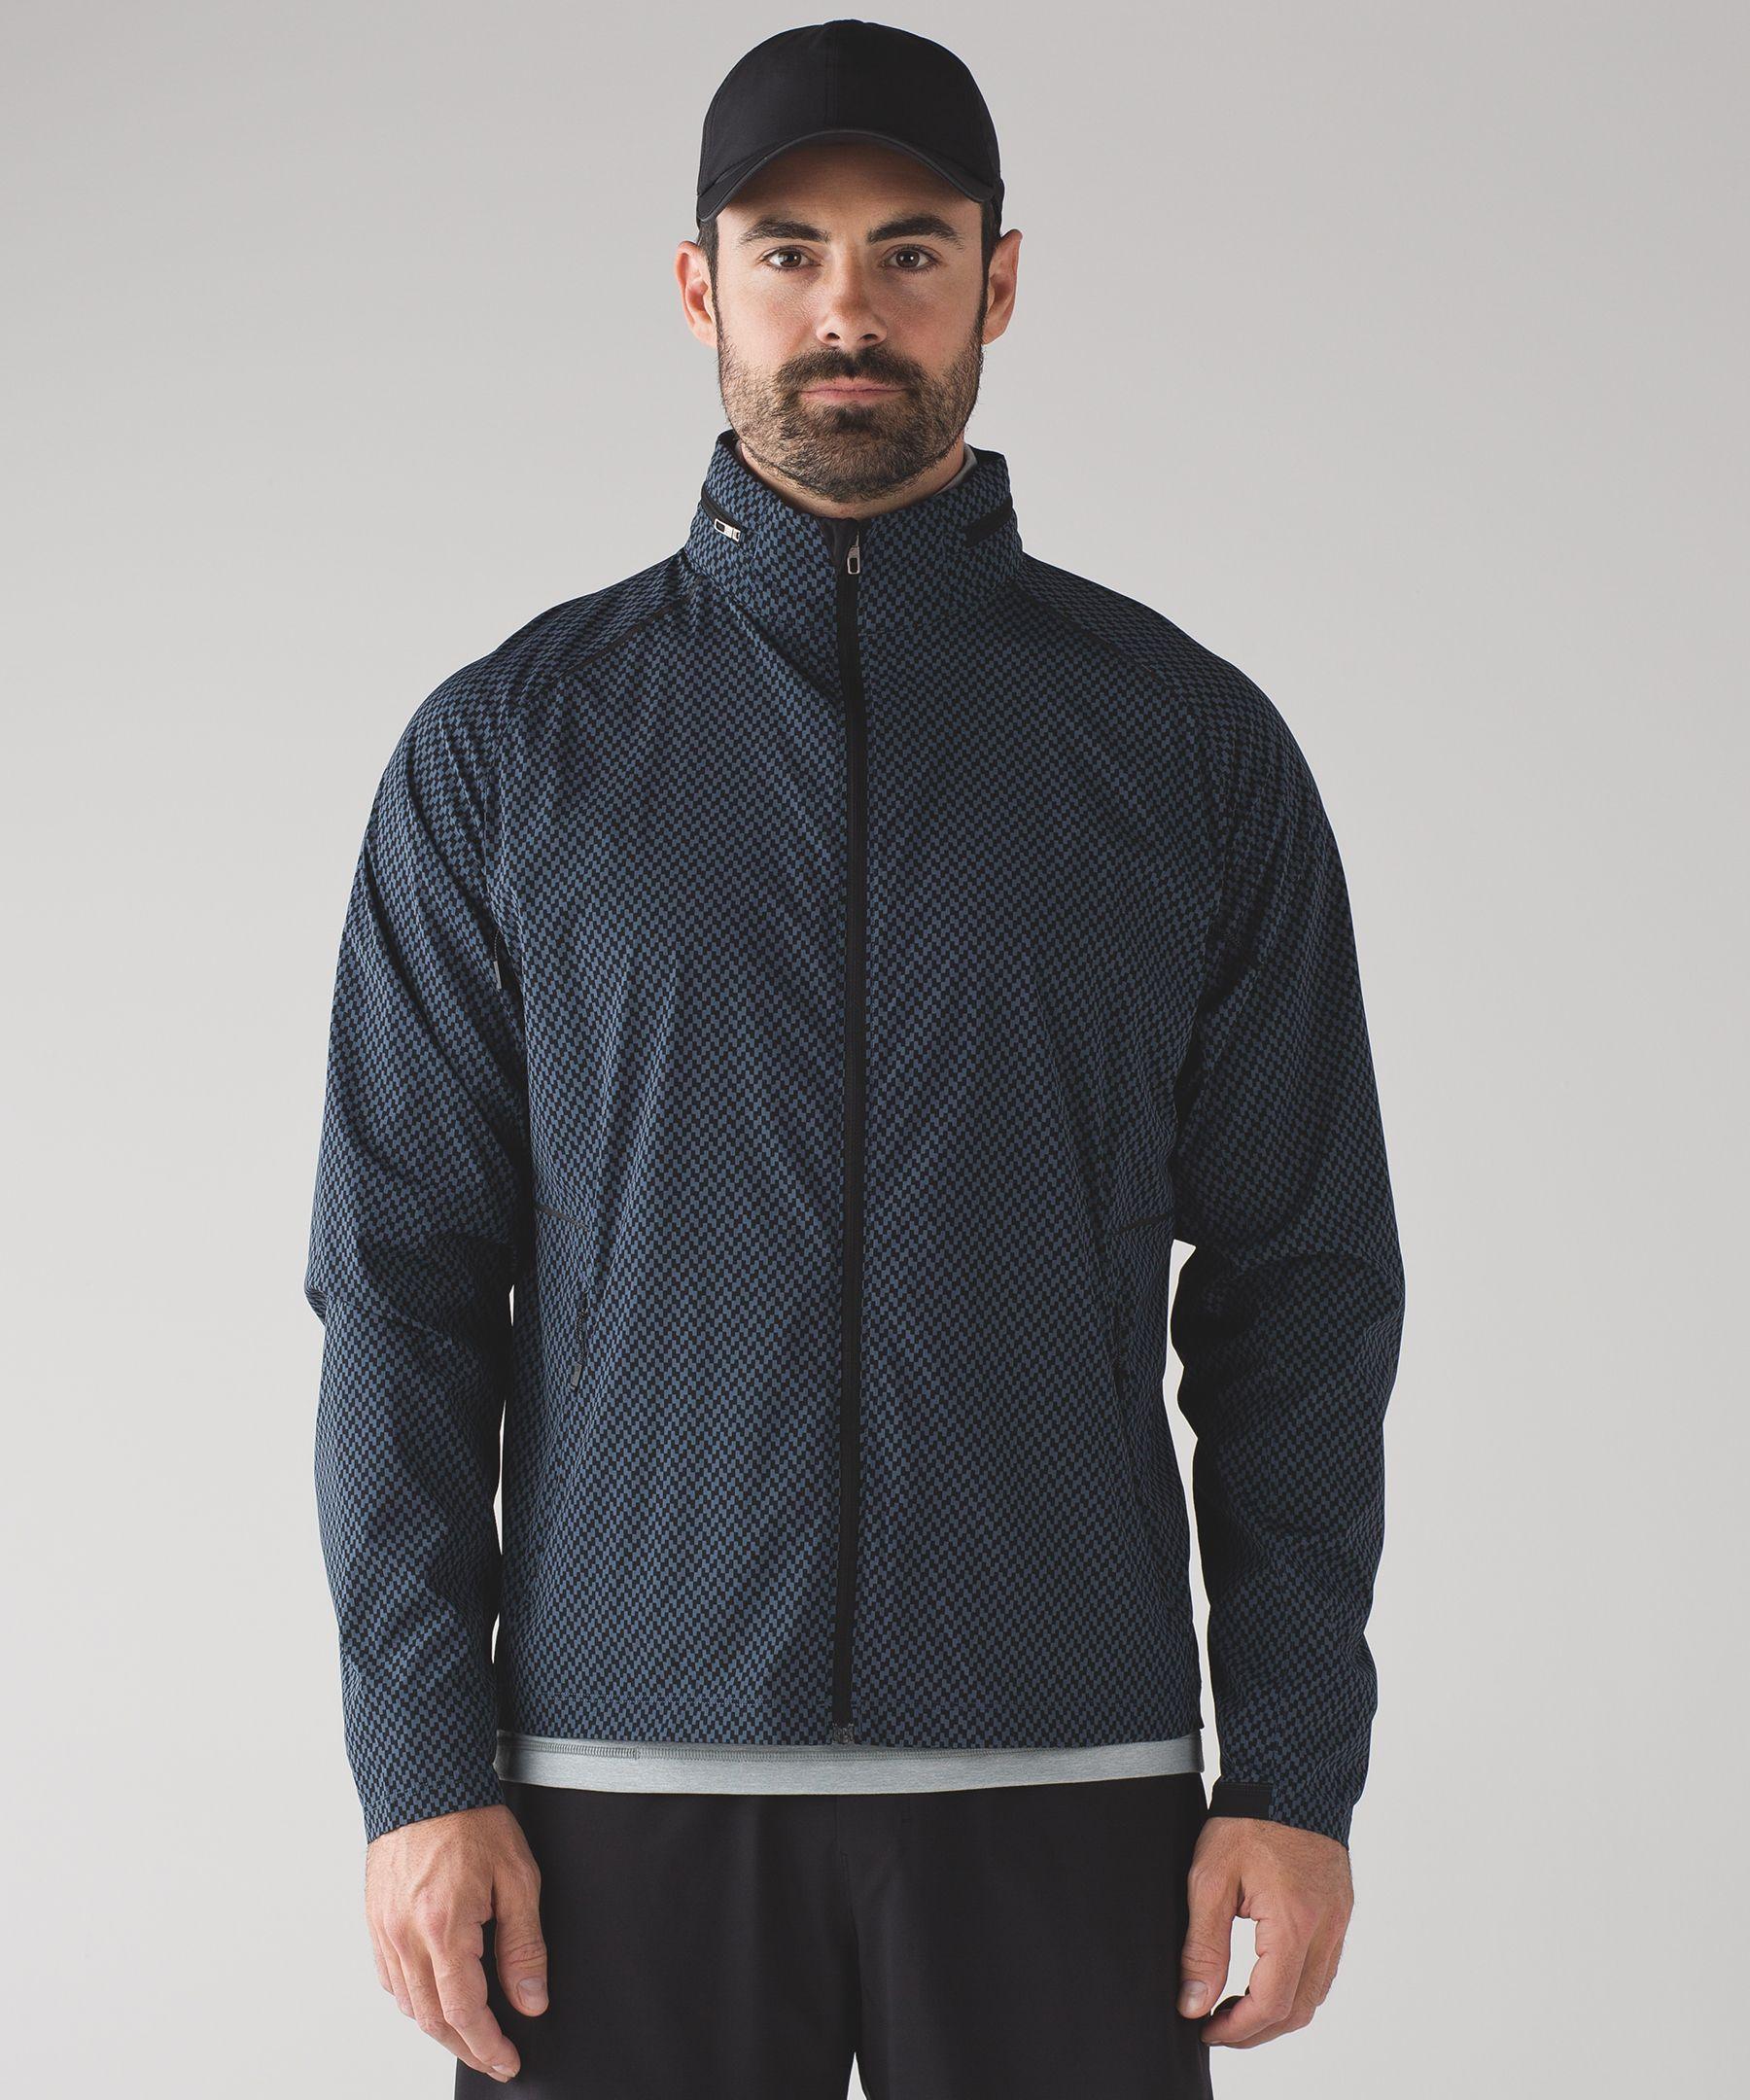 Surge Jacket Men S Running Jackets Lululemon Athletica